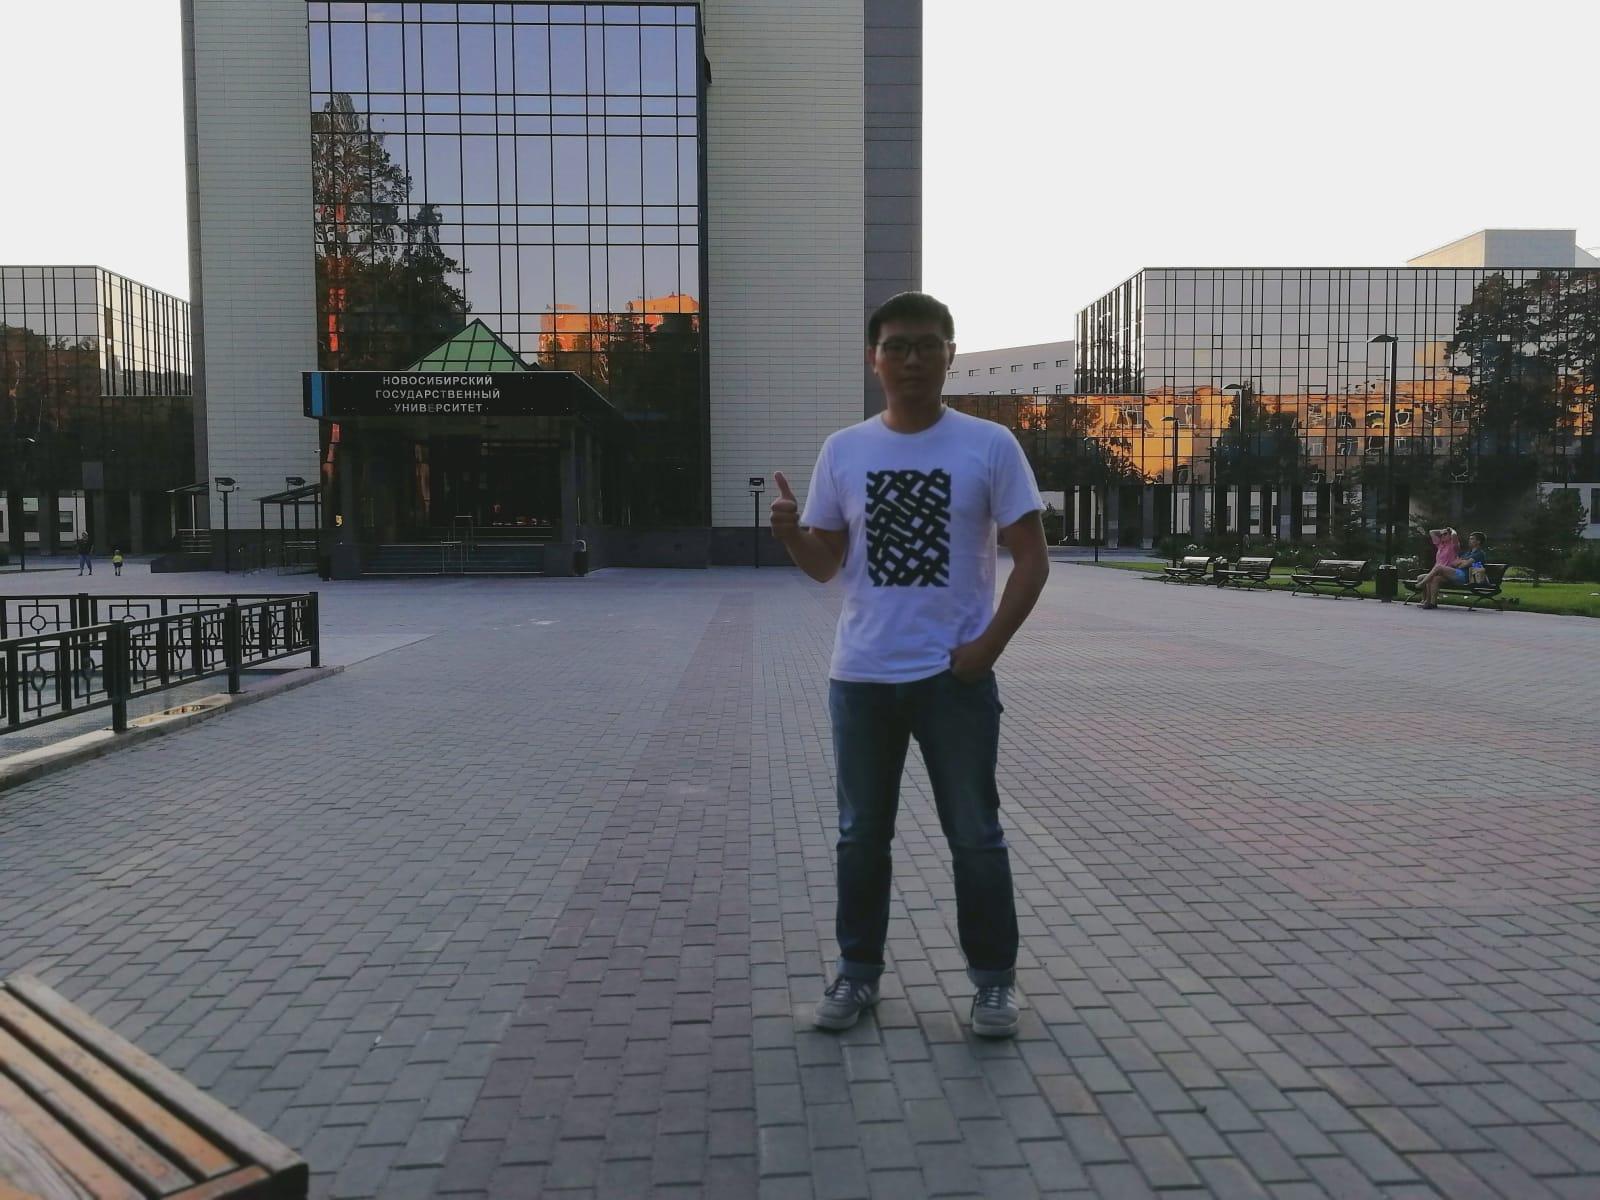 2019年小编访问新西伯利亚国立大学